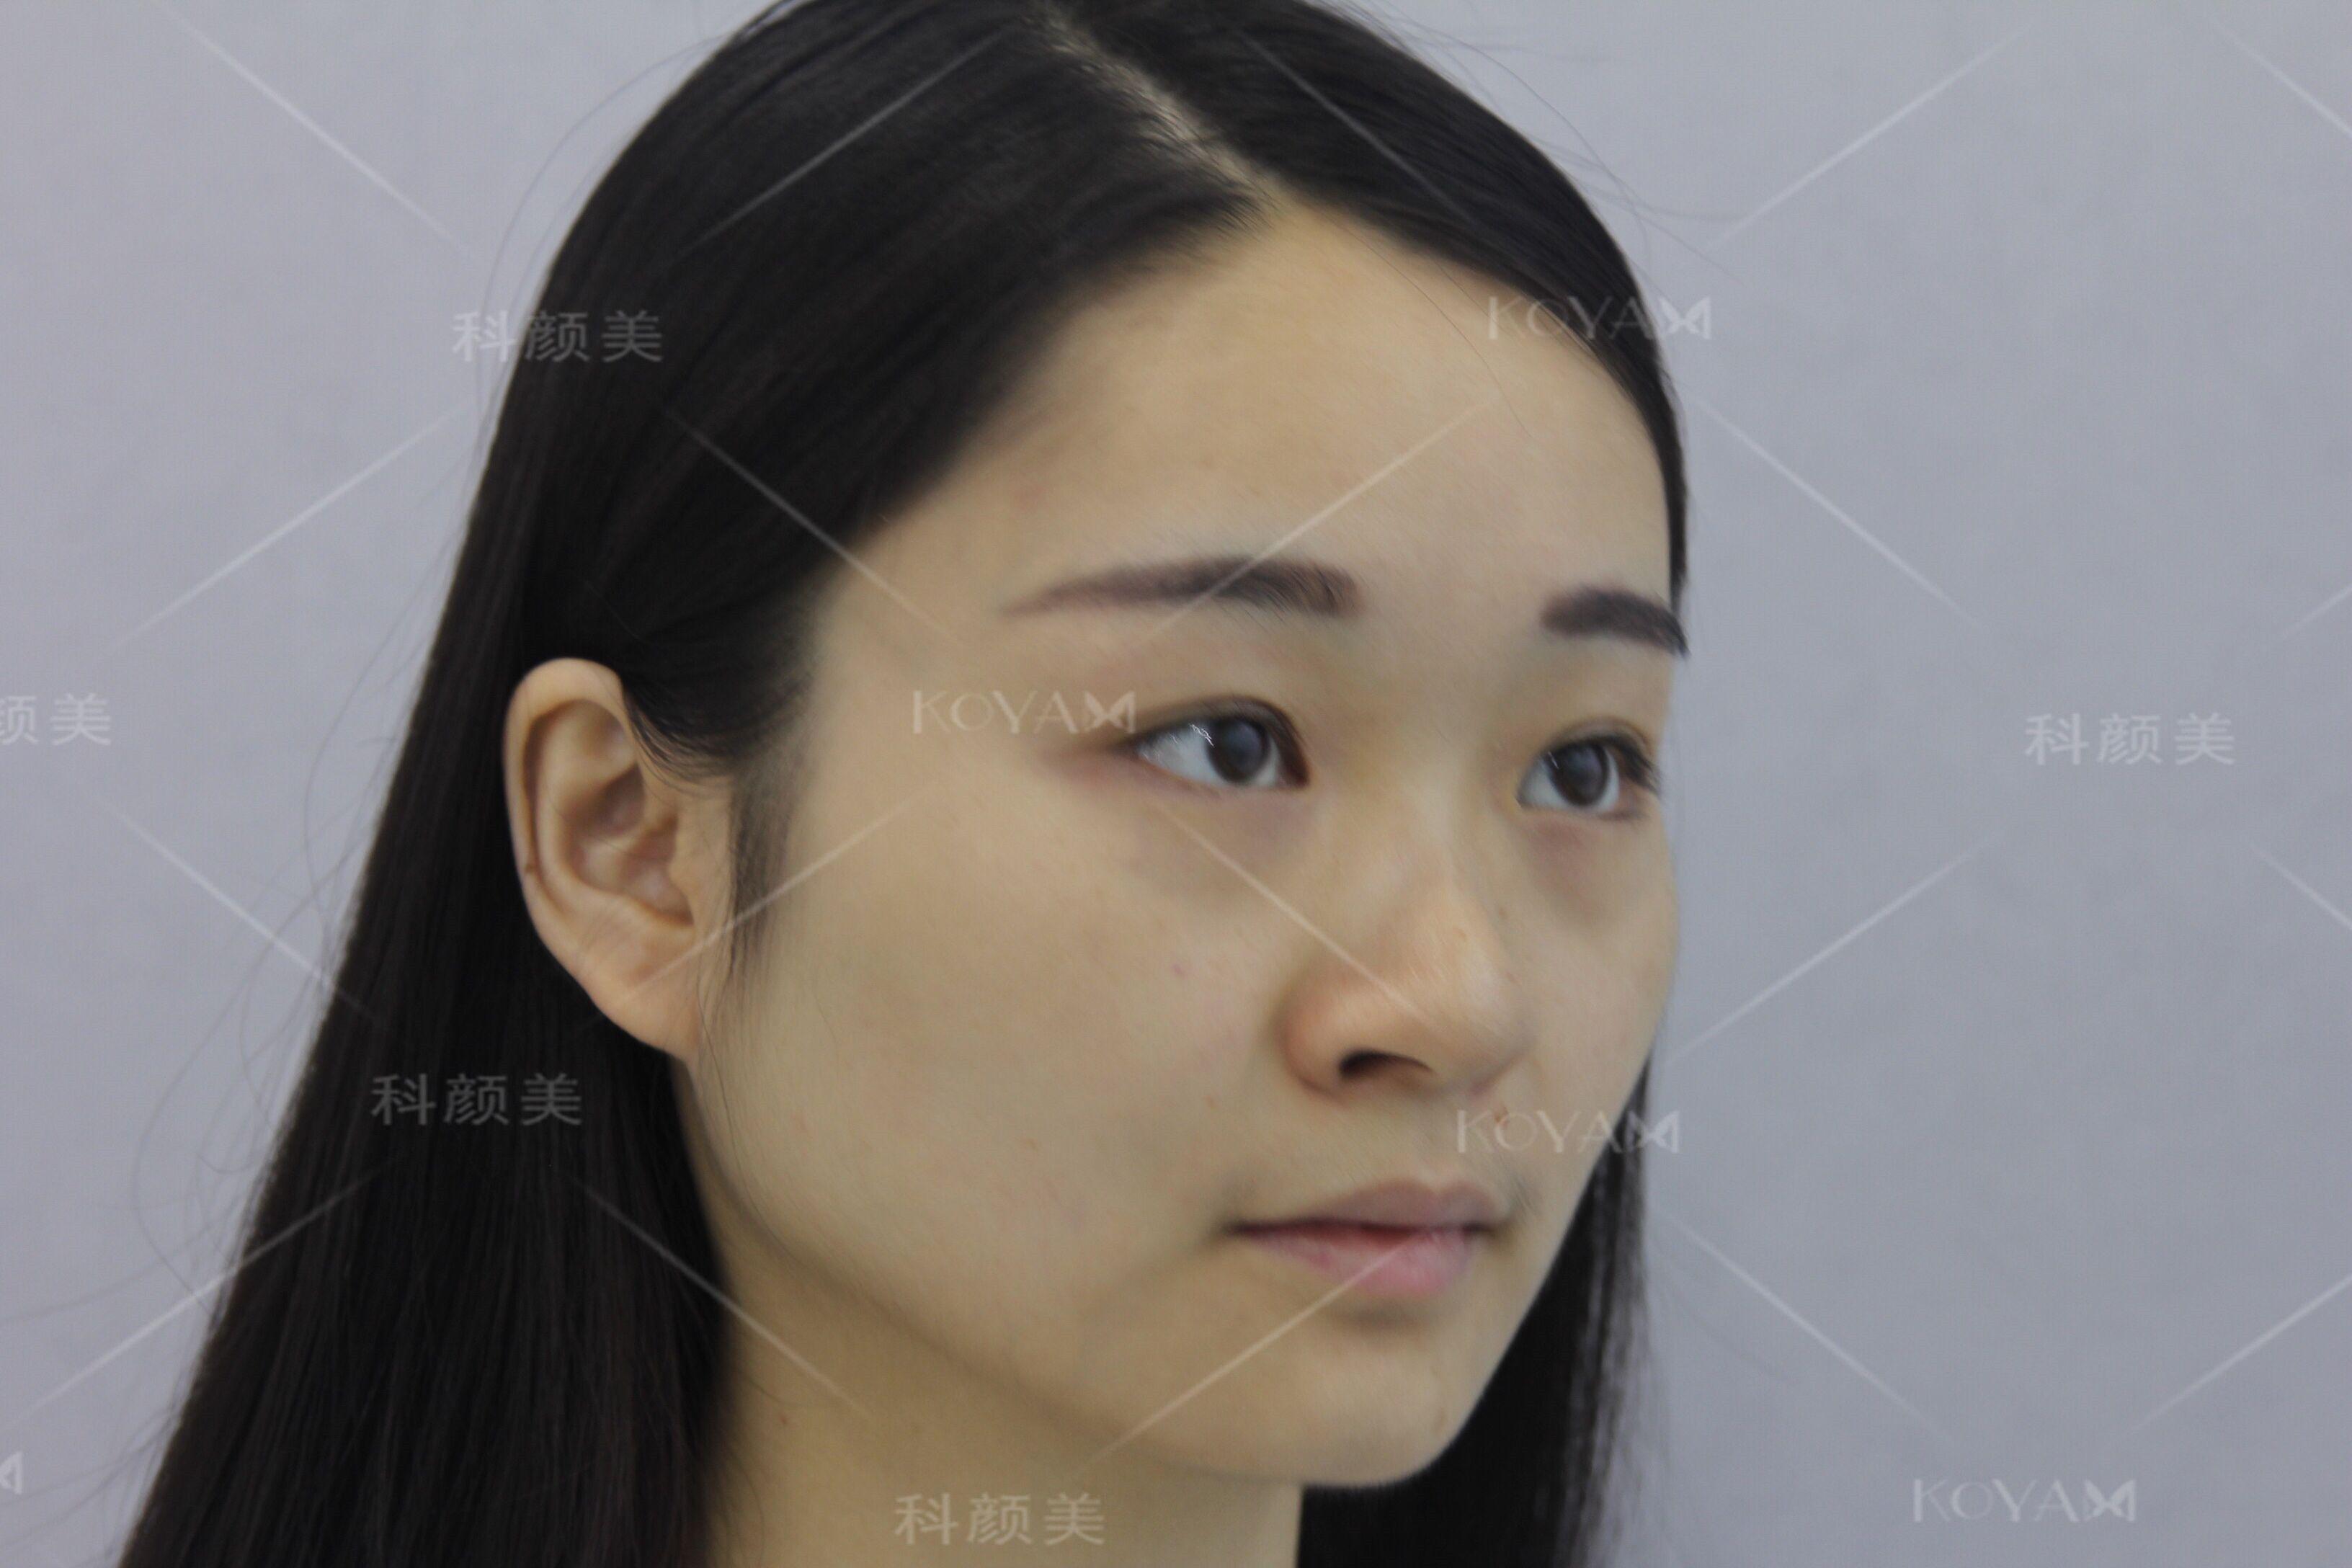 脸大的因素有多种可能,一个是咬肌,一个是骨头,还是一个是肉肉,宝宝的情况是属于咬肌偏大,只要对准位置打一针瘦脸针,效果会立马显现出来